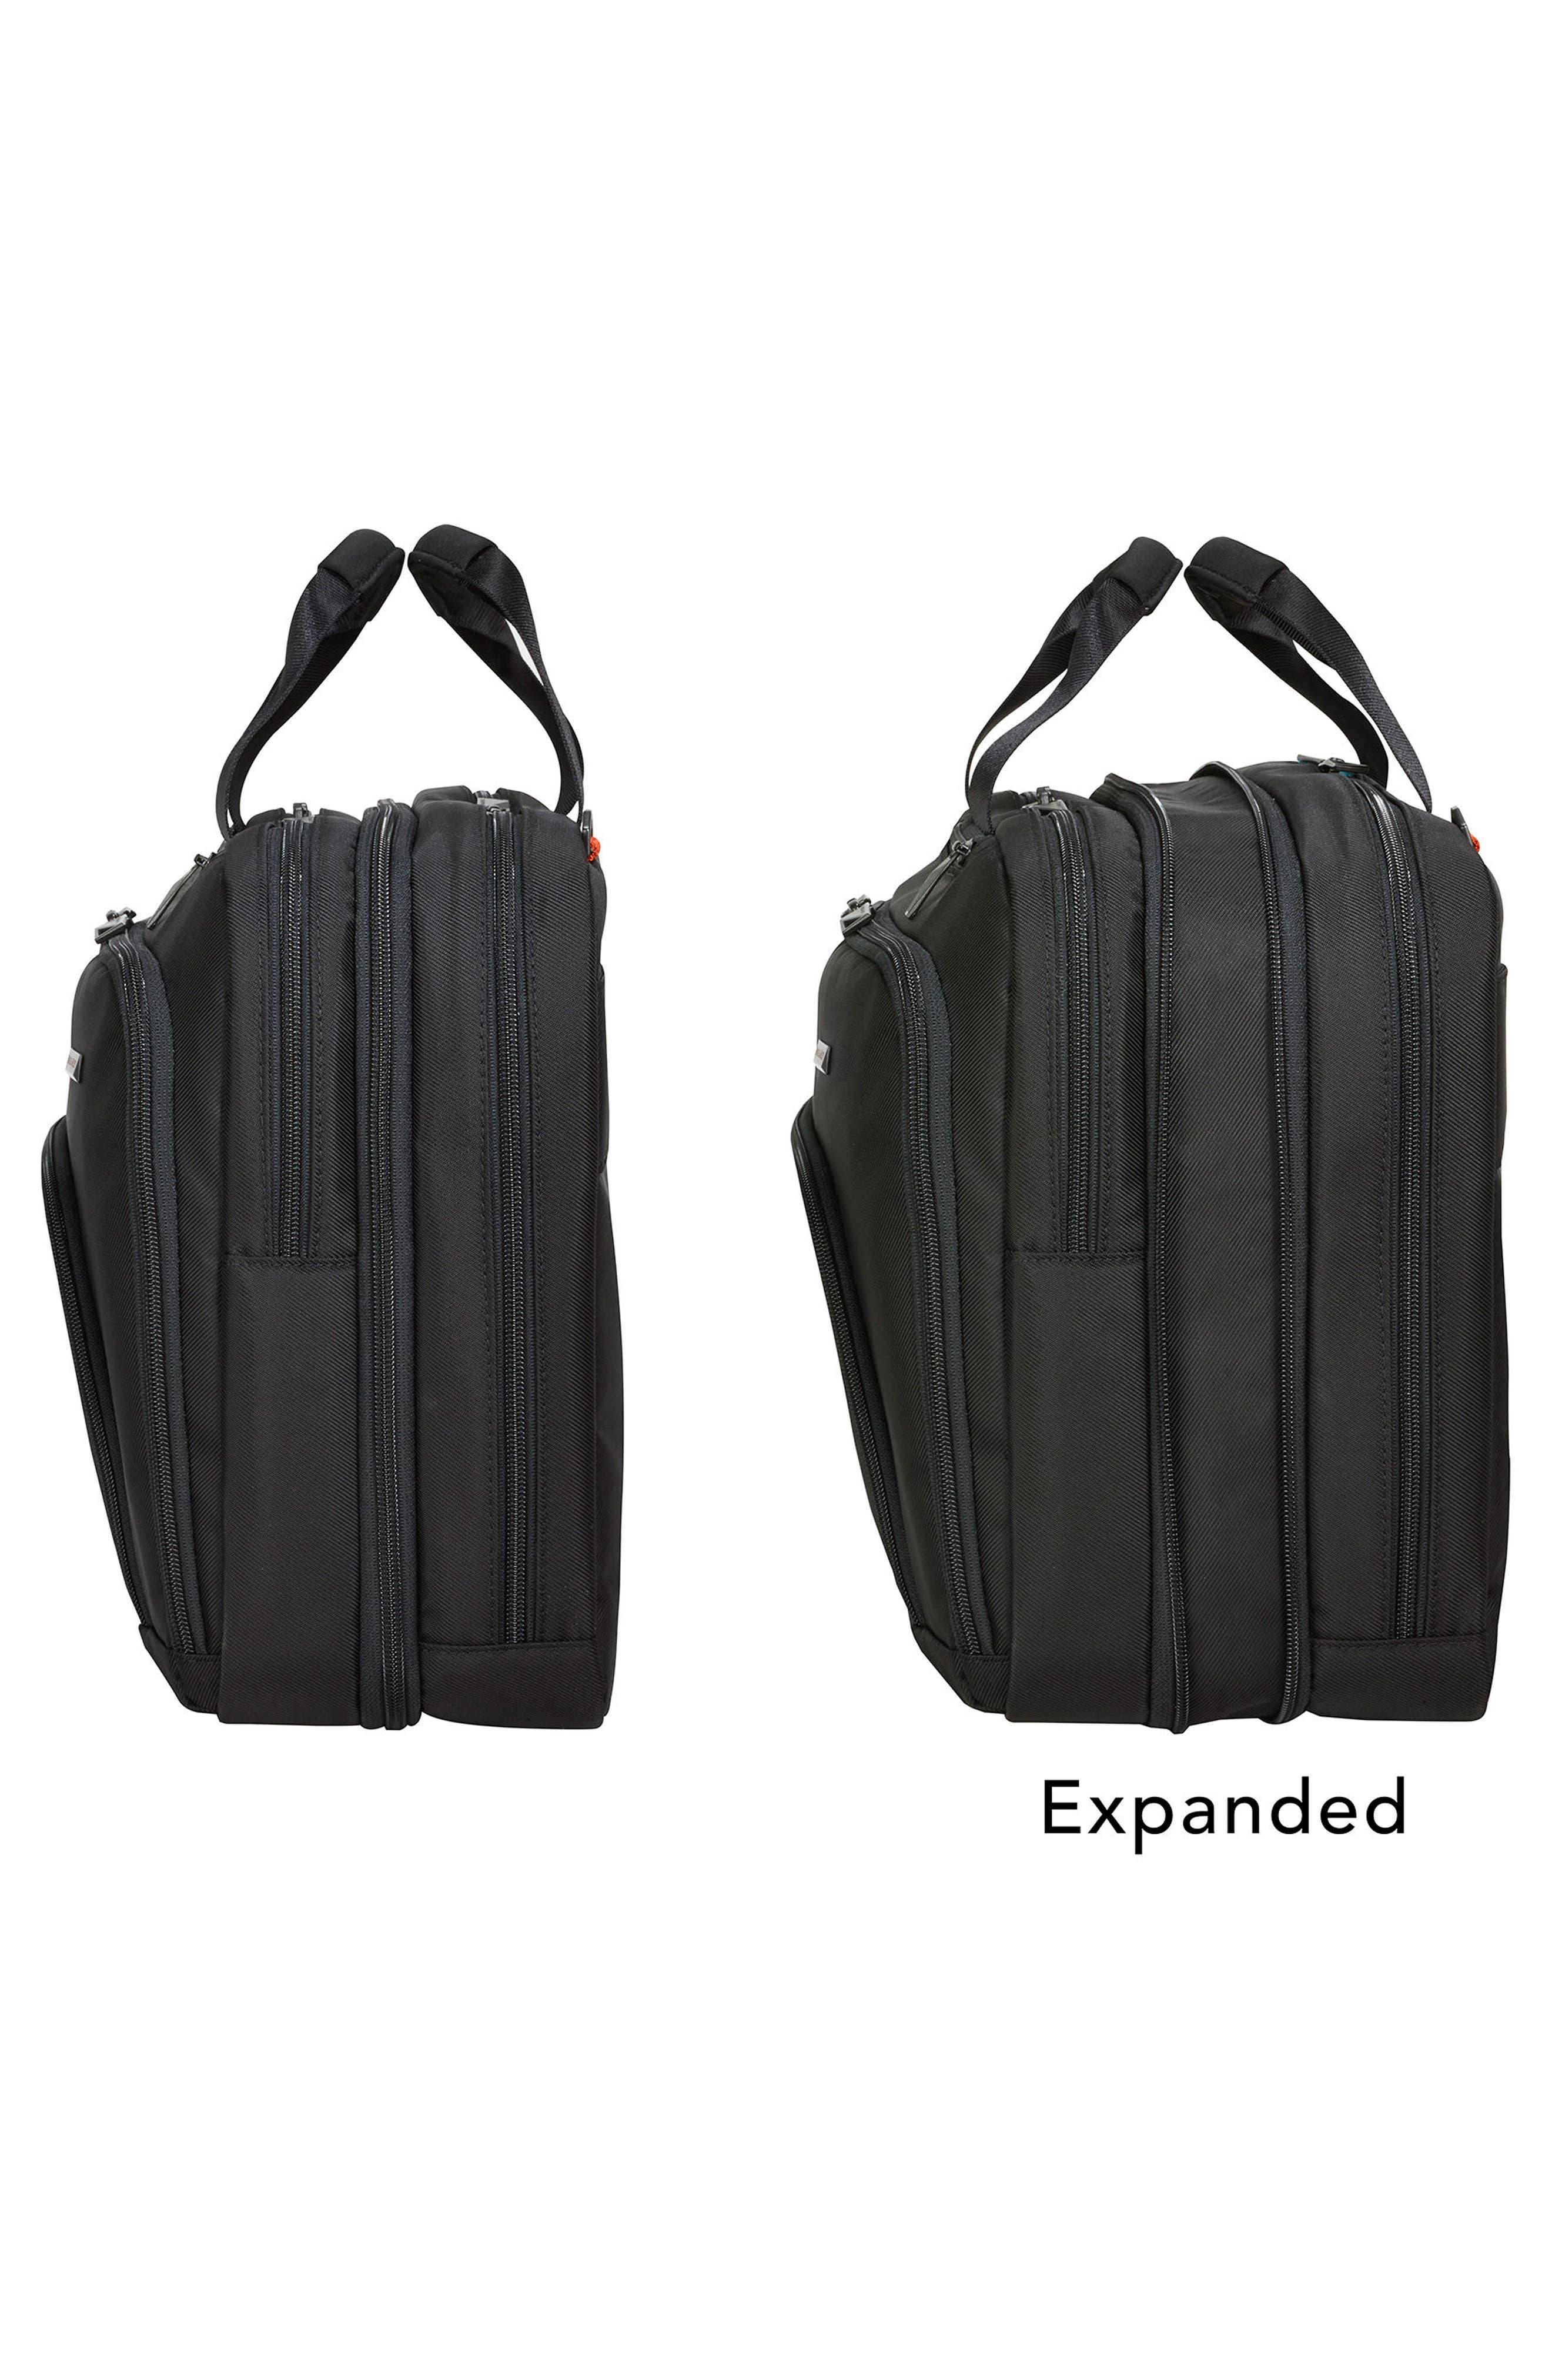 Verb - Adapt Expandable Briefcase,                             Alternate thumbnail 2, color,                             BLACK